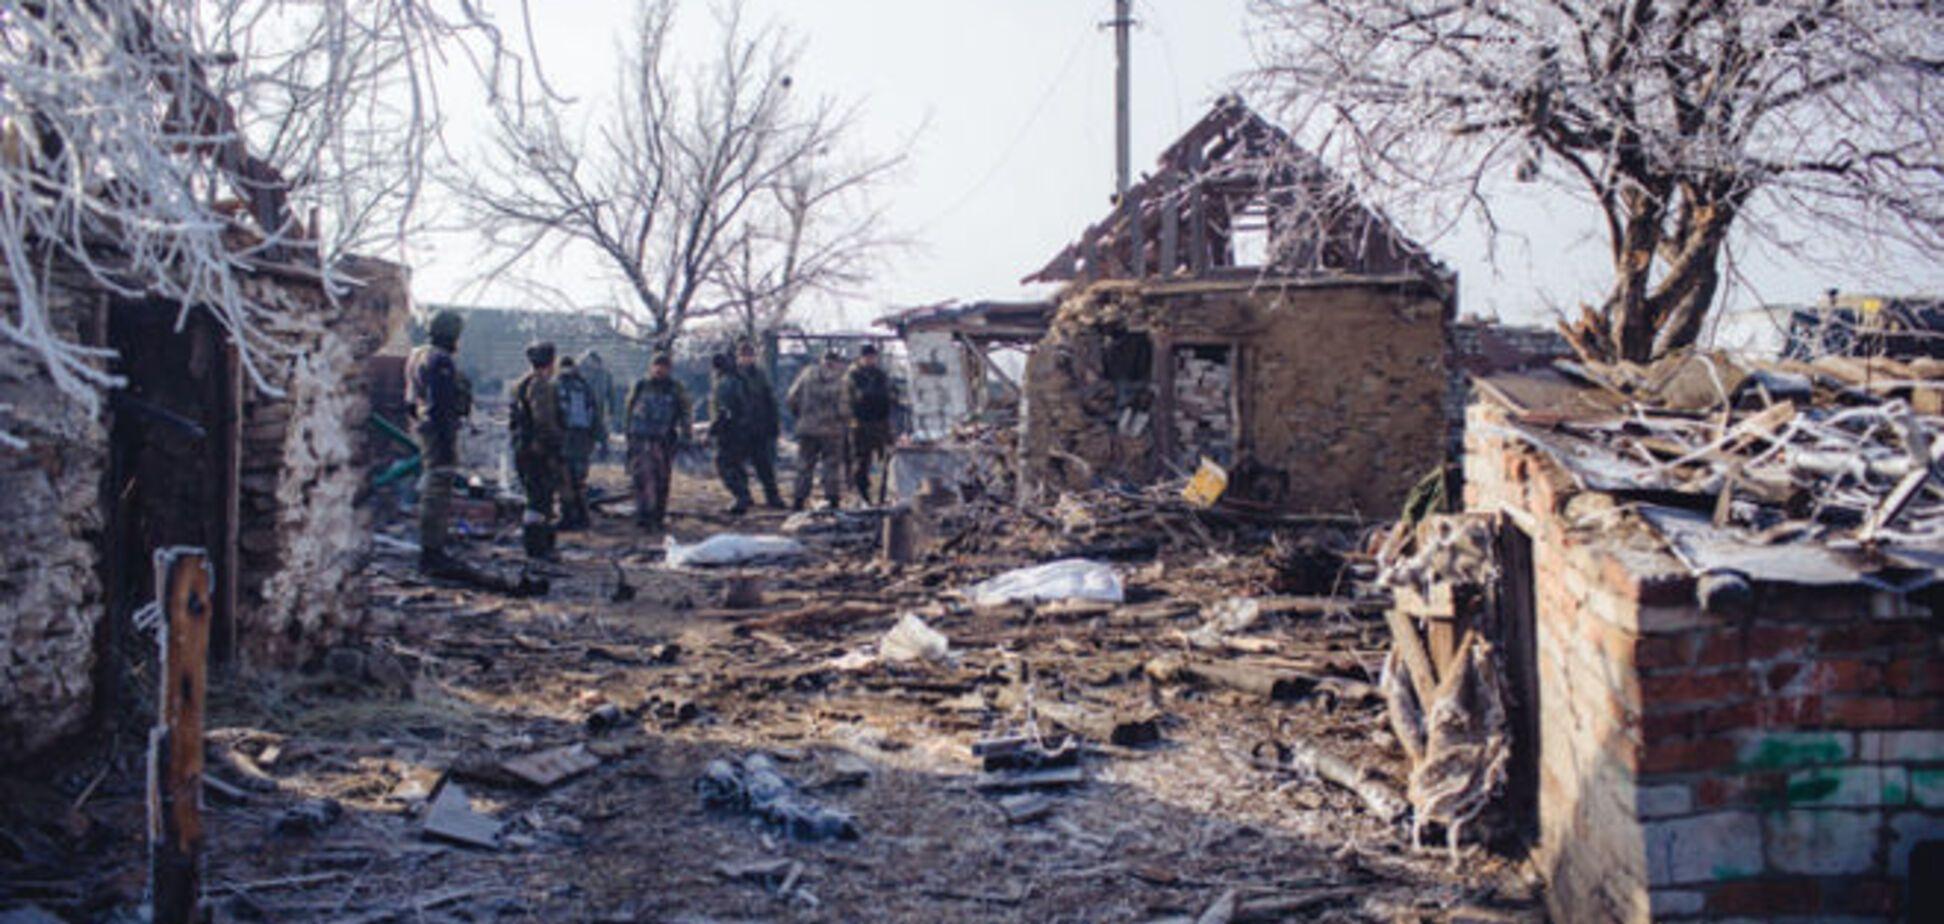 Почастішали обстріли бойовиками населених пунктів у зоні АТО